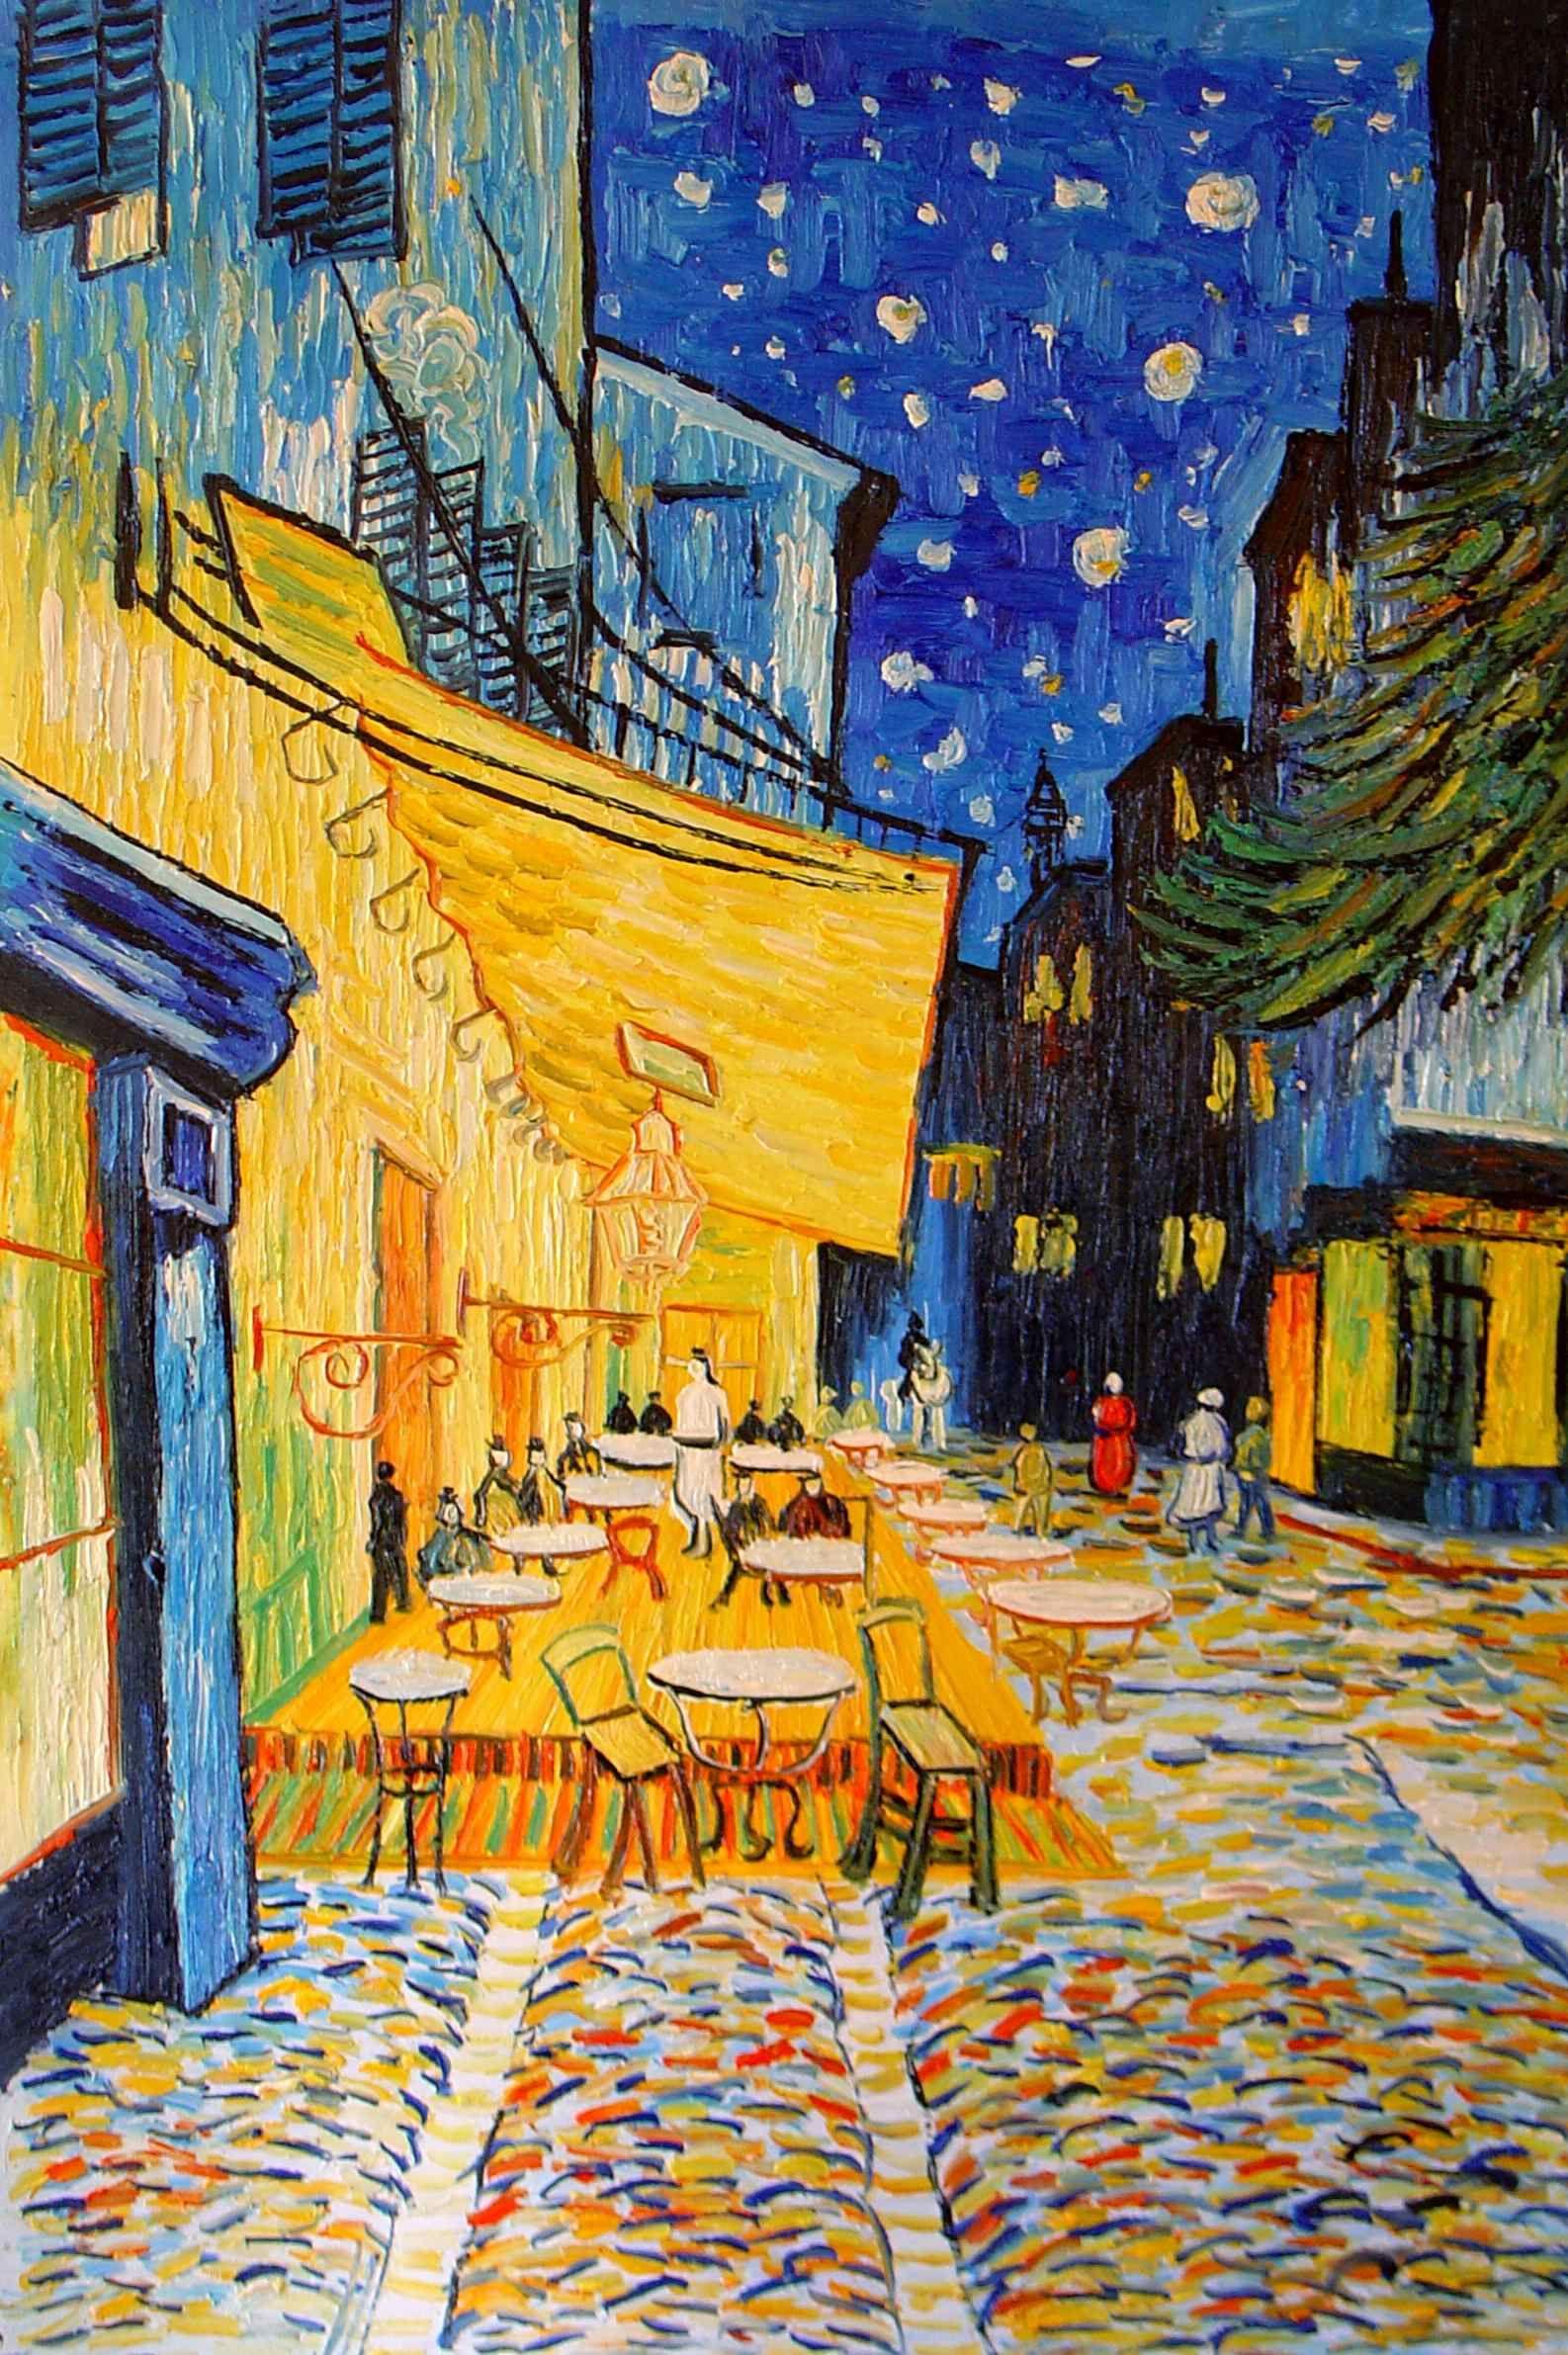 Tableau De Grands Maitres Et Pienture De Van Gogh With Images